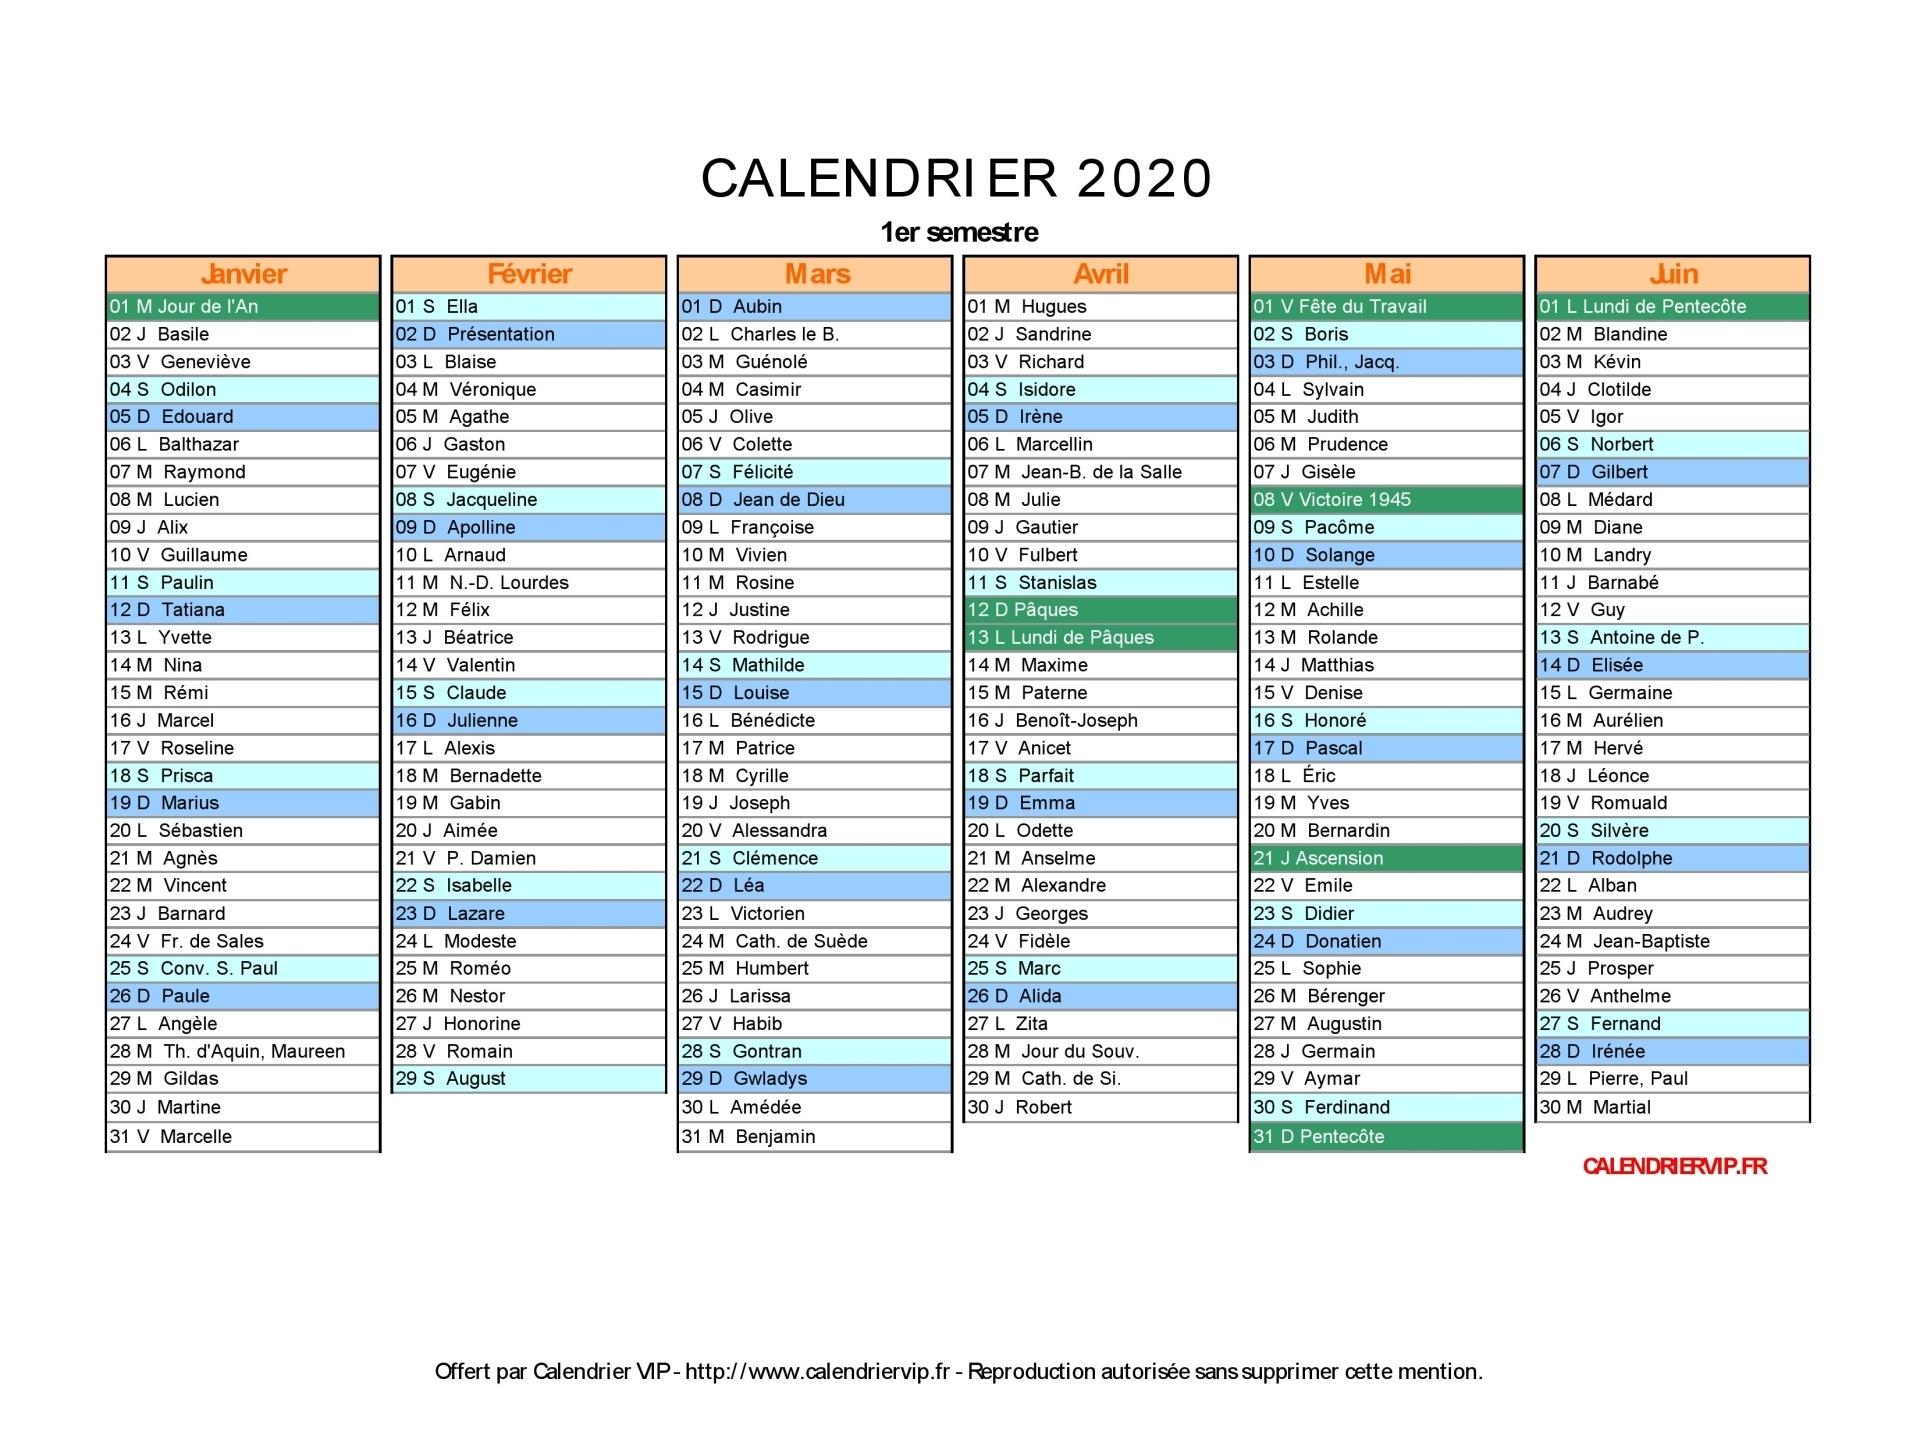 Calendrier 2020 À Imprimer Gratuit En Pdf Et Excel pour Calendrier 2019 Avec Jours Fériés Vacances Scolaires À Imprimer